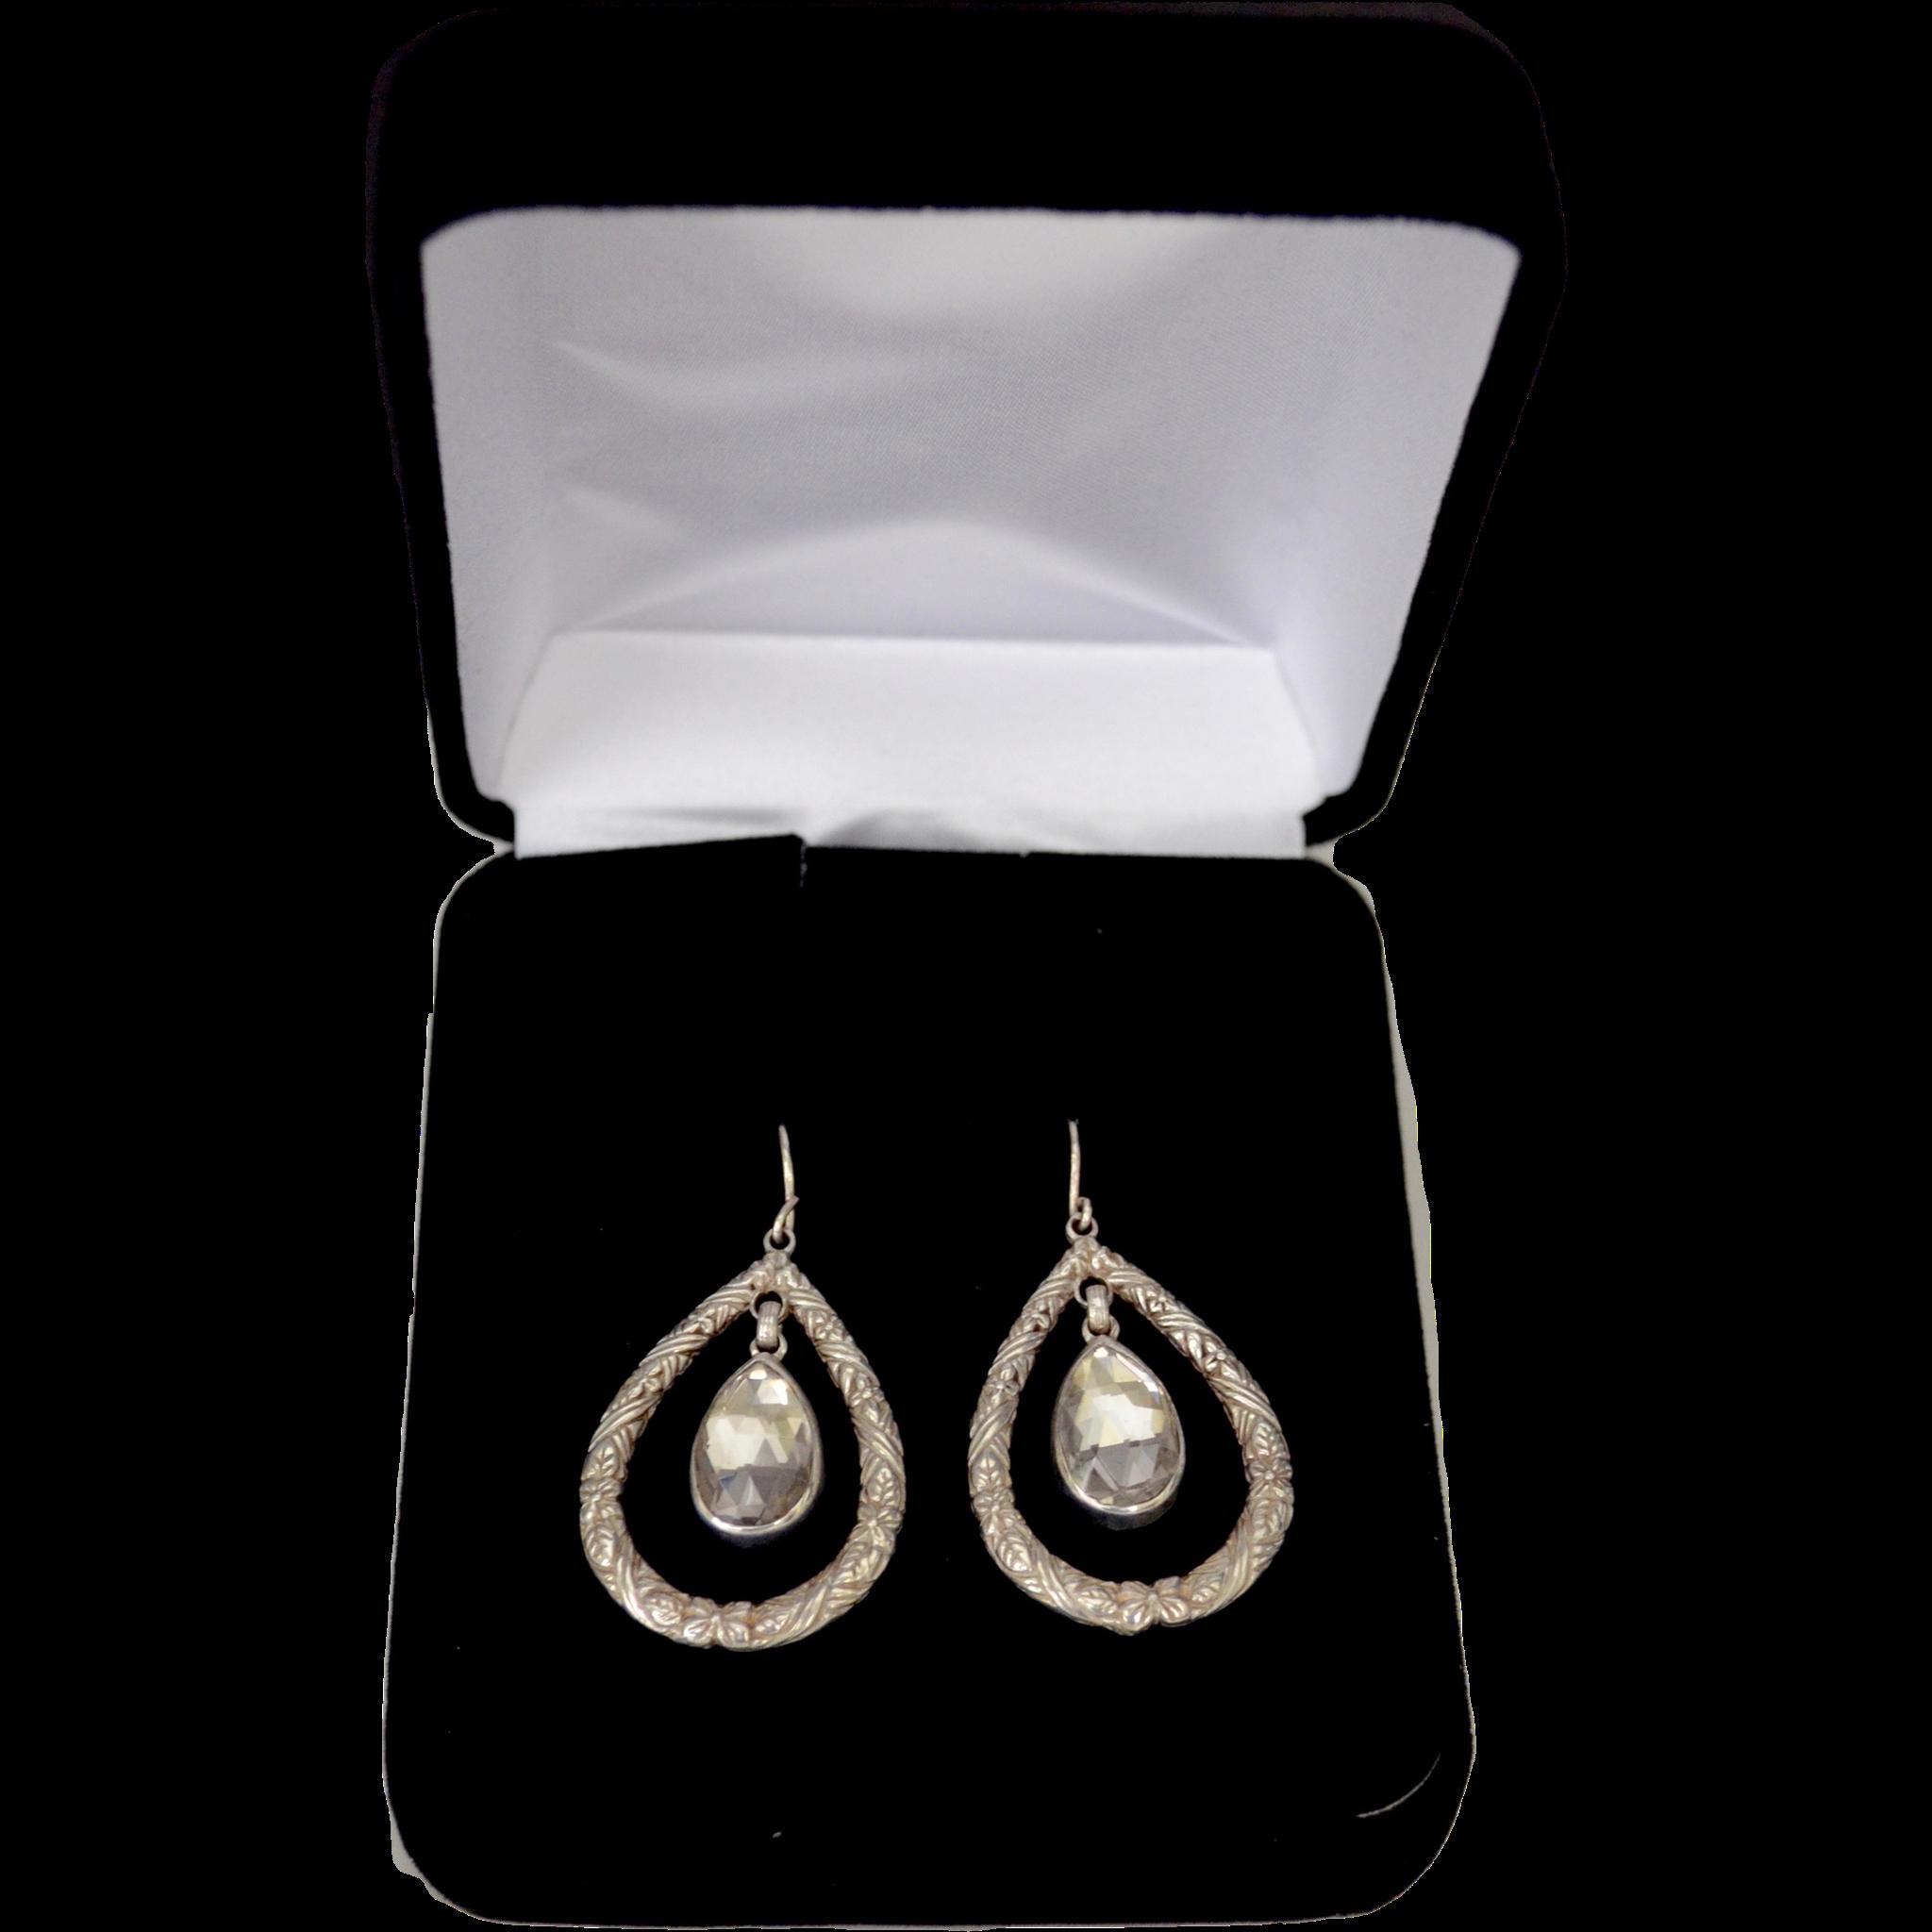 DWECK Sterling Silver Tear Drop Clear Quartz Dangle Earrings